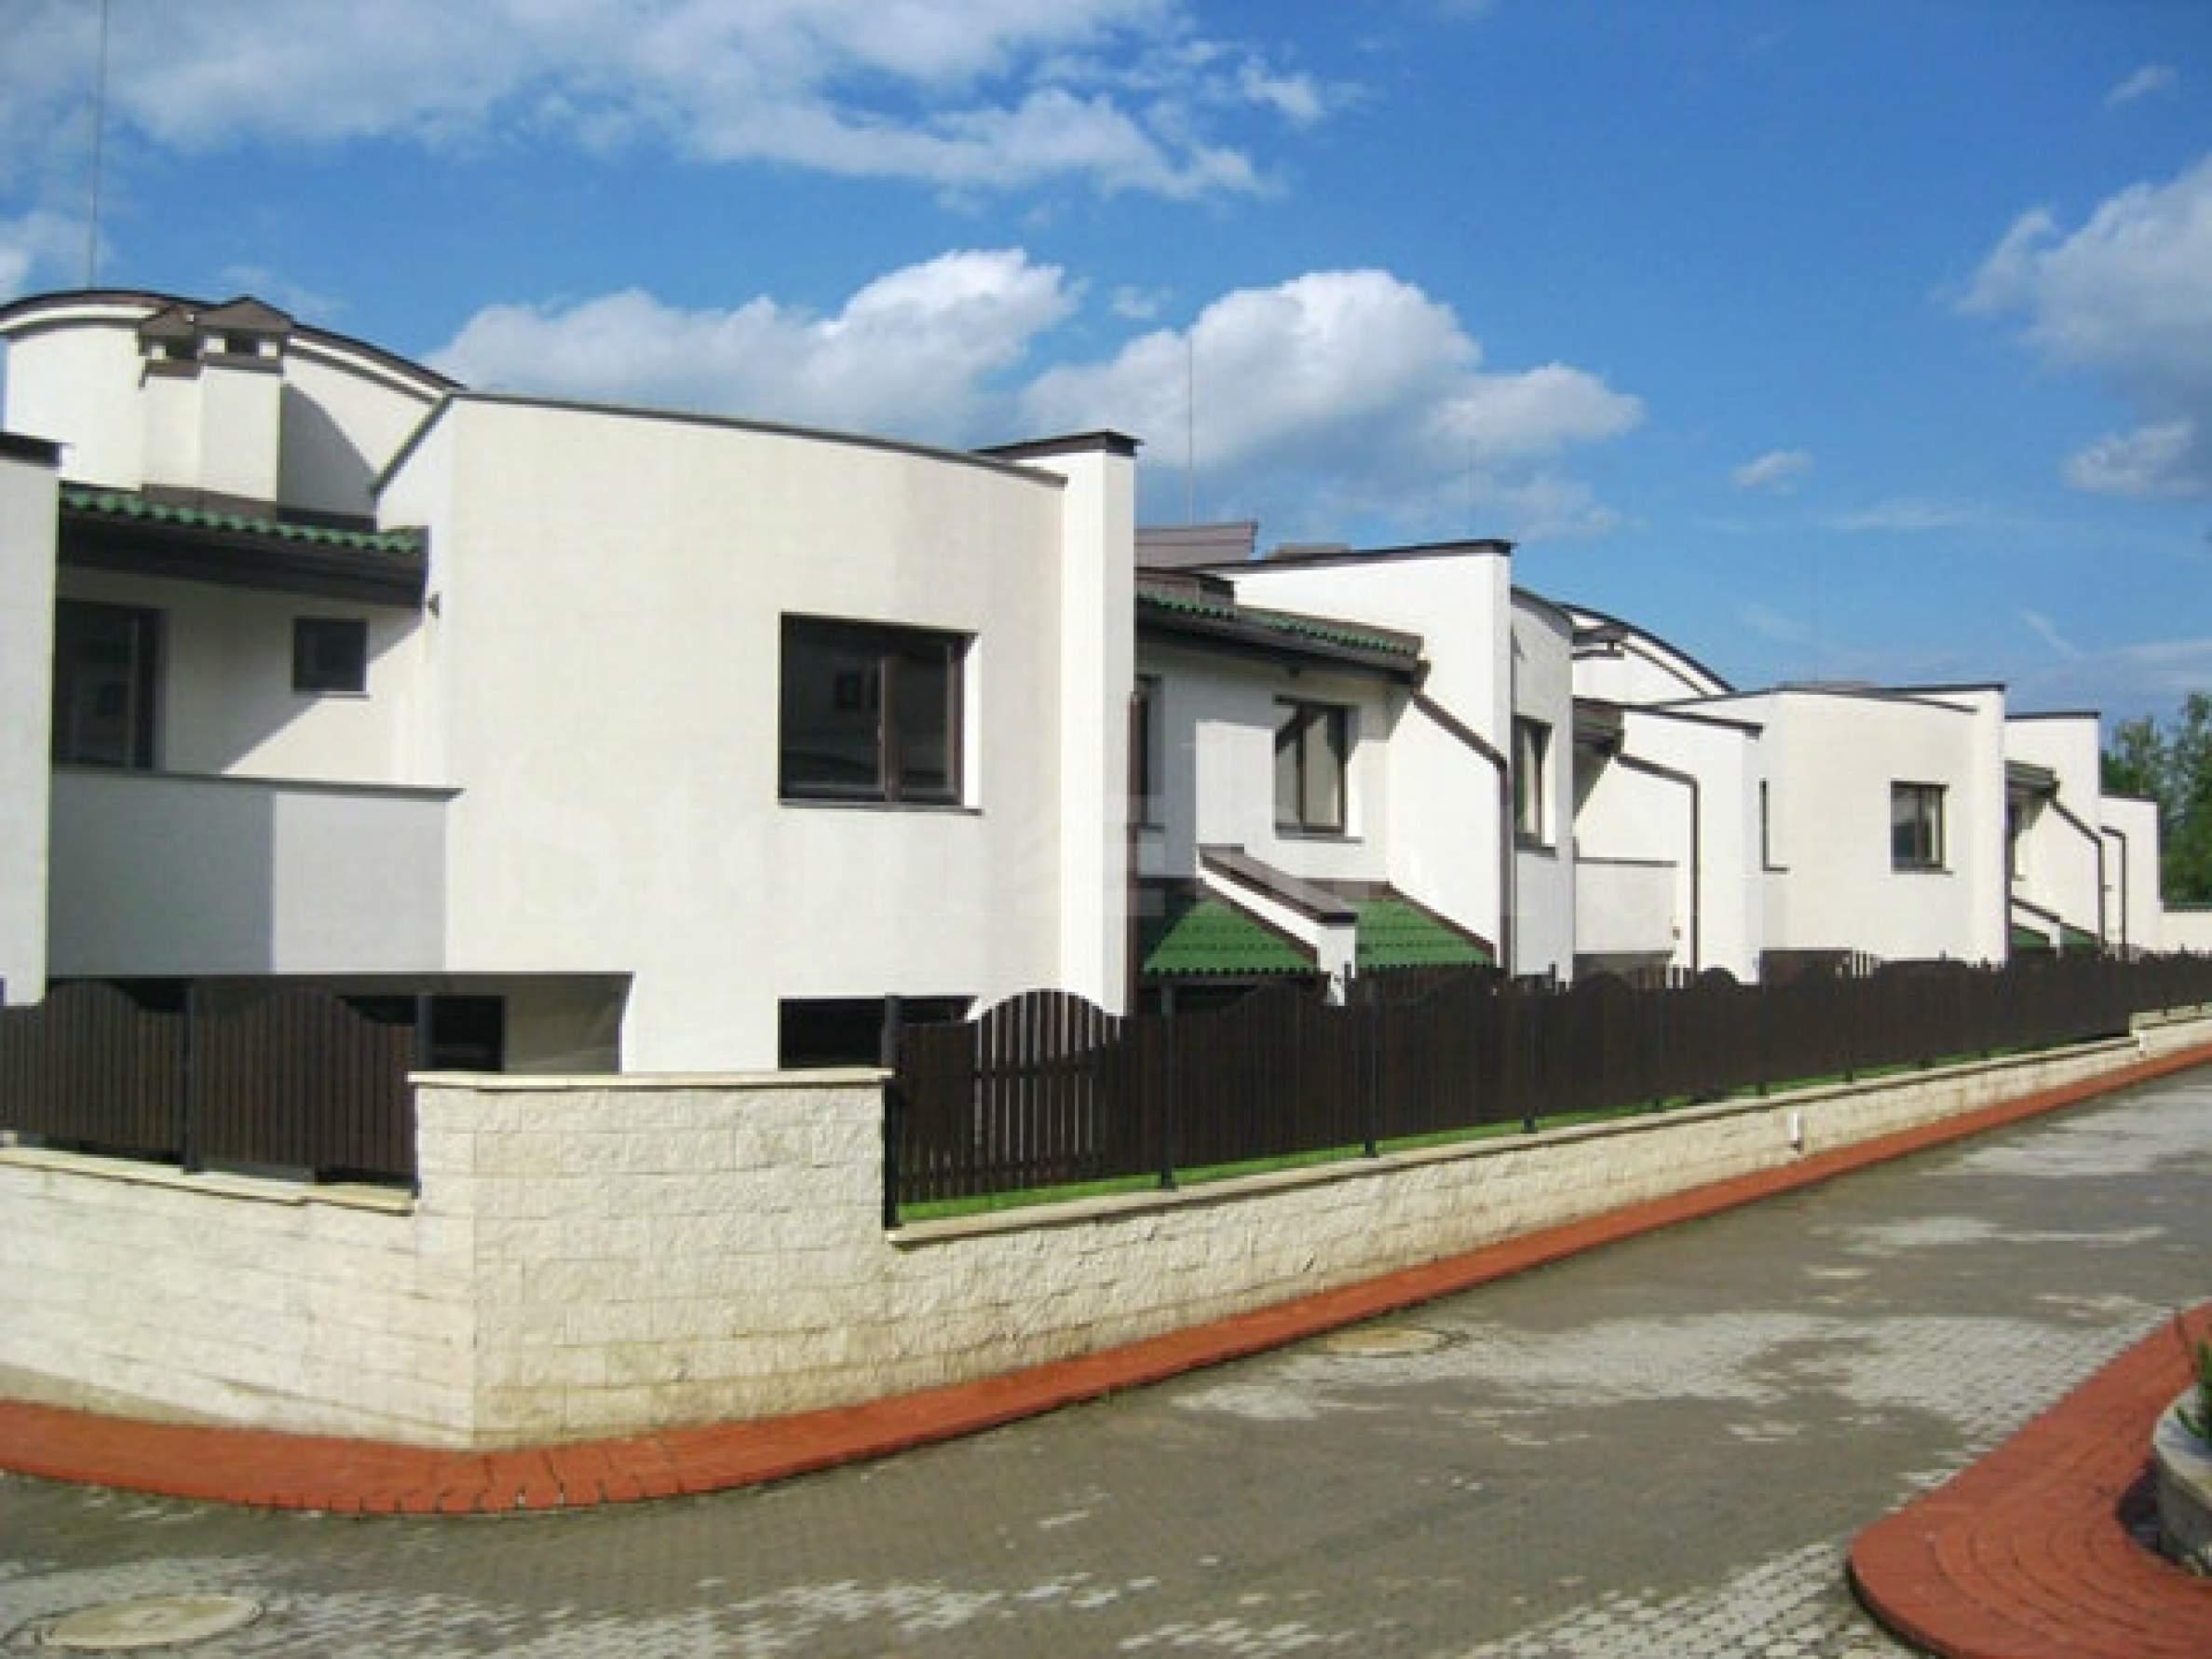 Луксозни семейни къщи в затворен комплекс с много екстри2 - Stonehard